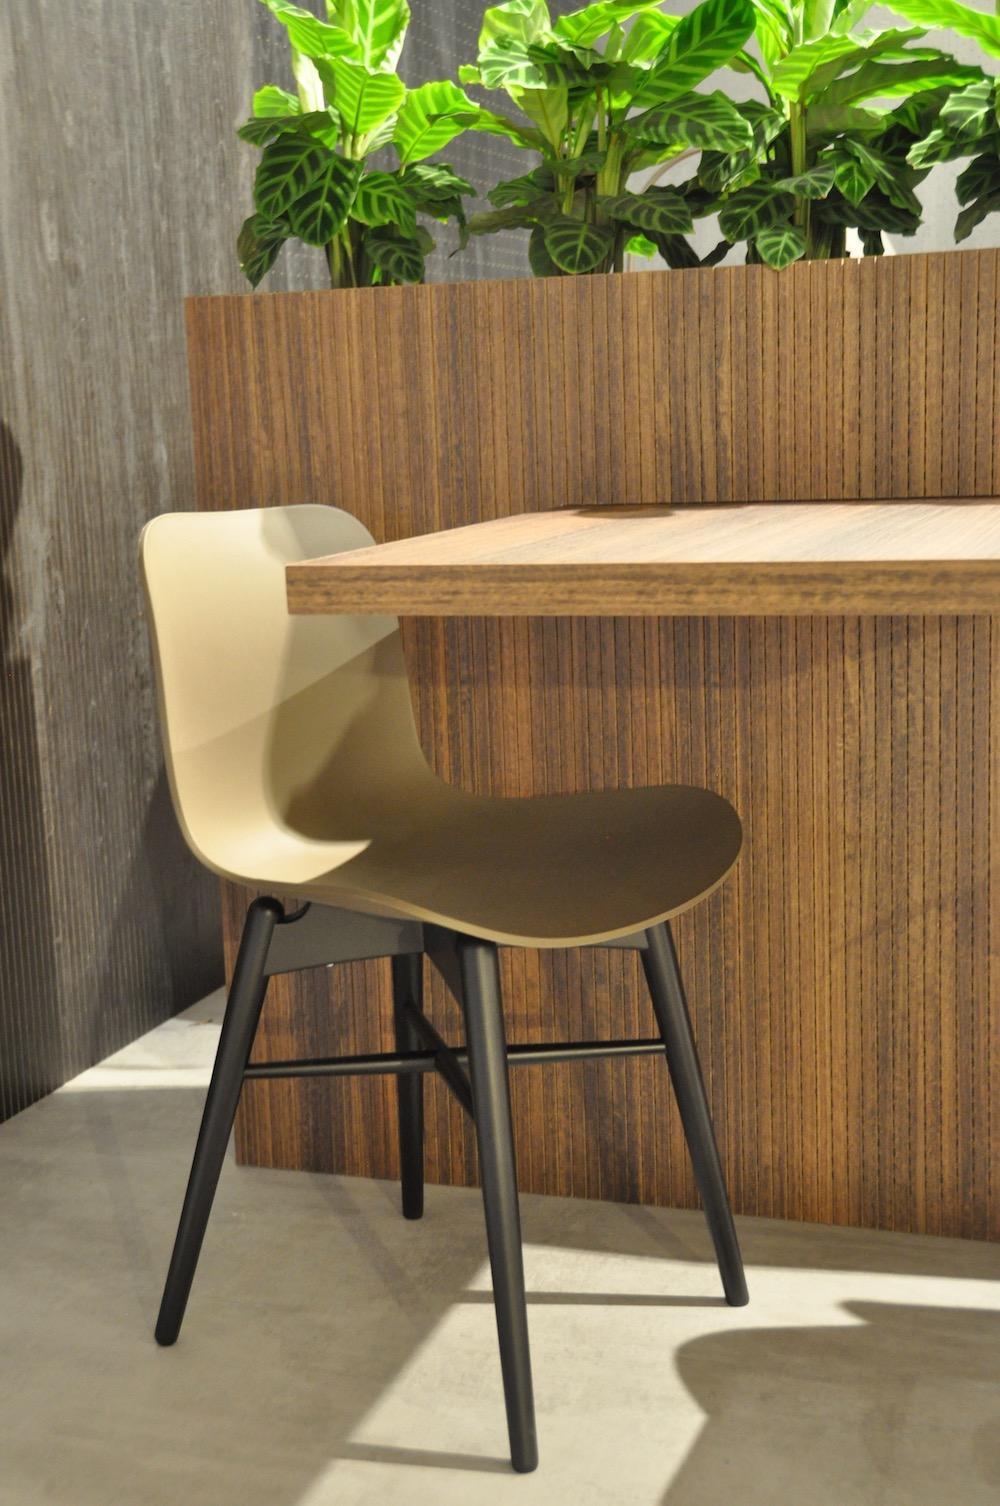 Blog Styling ID Design District 10 bedrijven extra in beeld decolegno